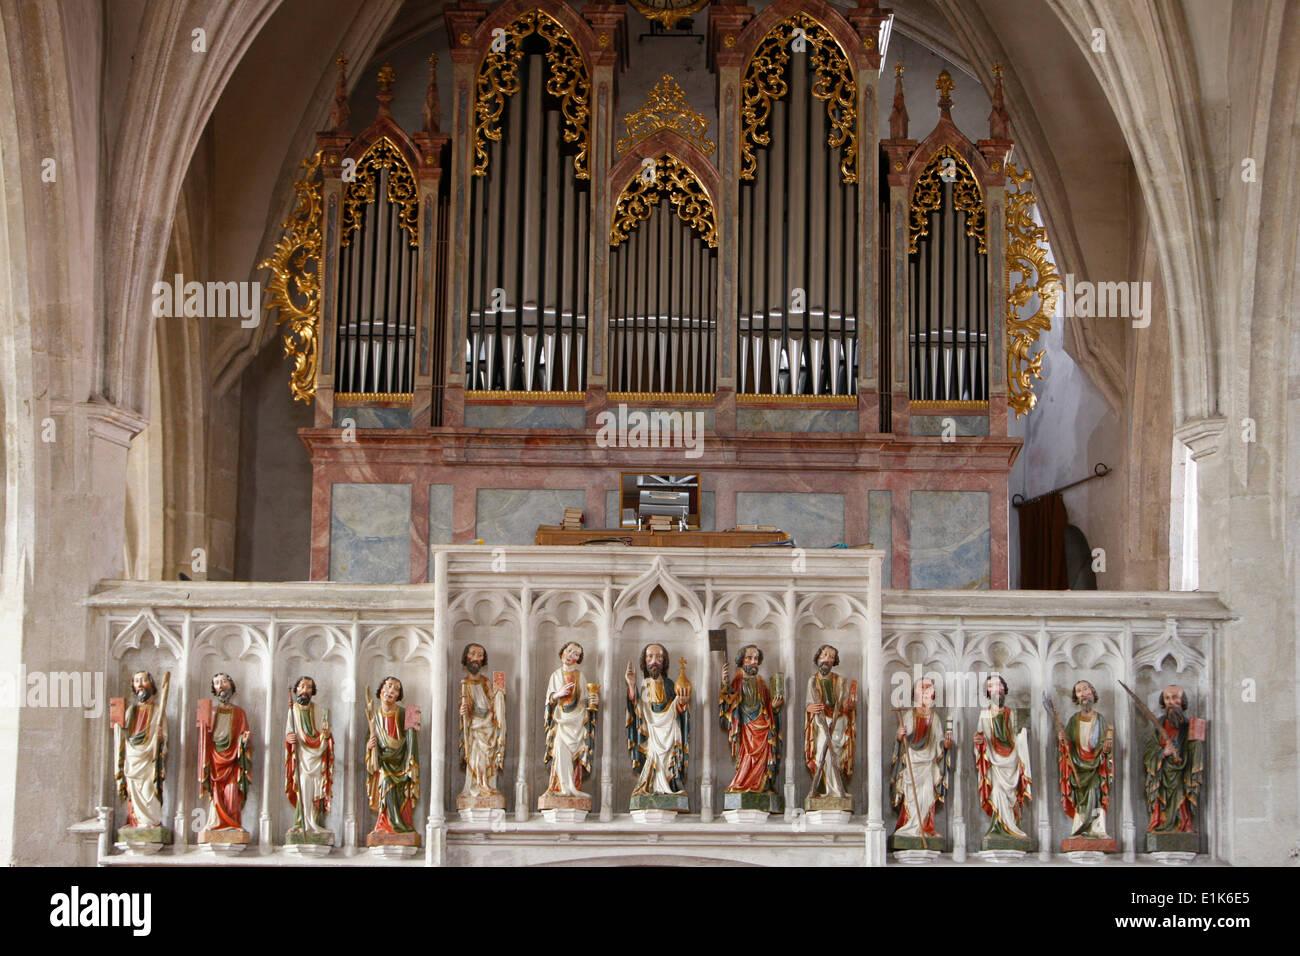 Spitz chiesa cattolica. Il pergamo è ornata di statue di Cristo e dei suoi apostoli (1420 circa). Immagini Stock